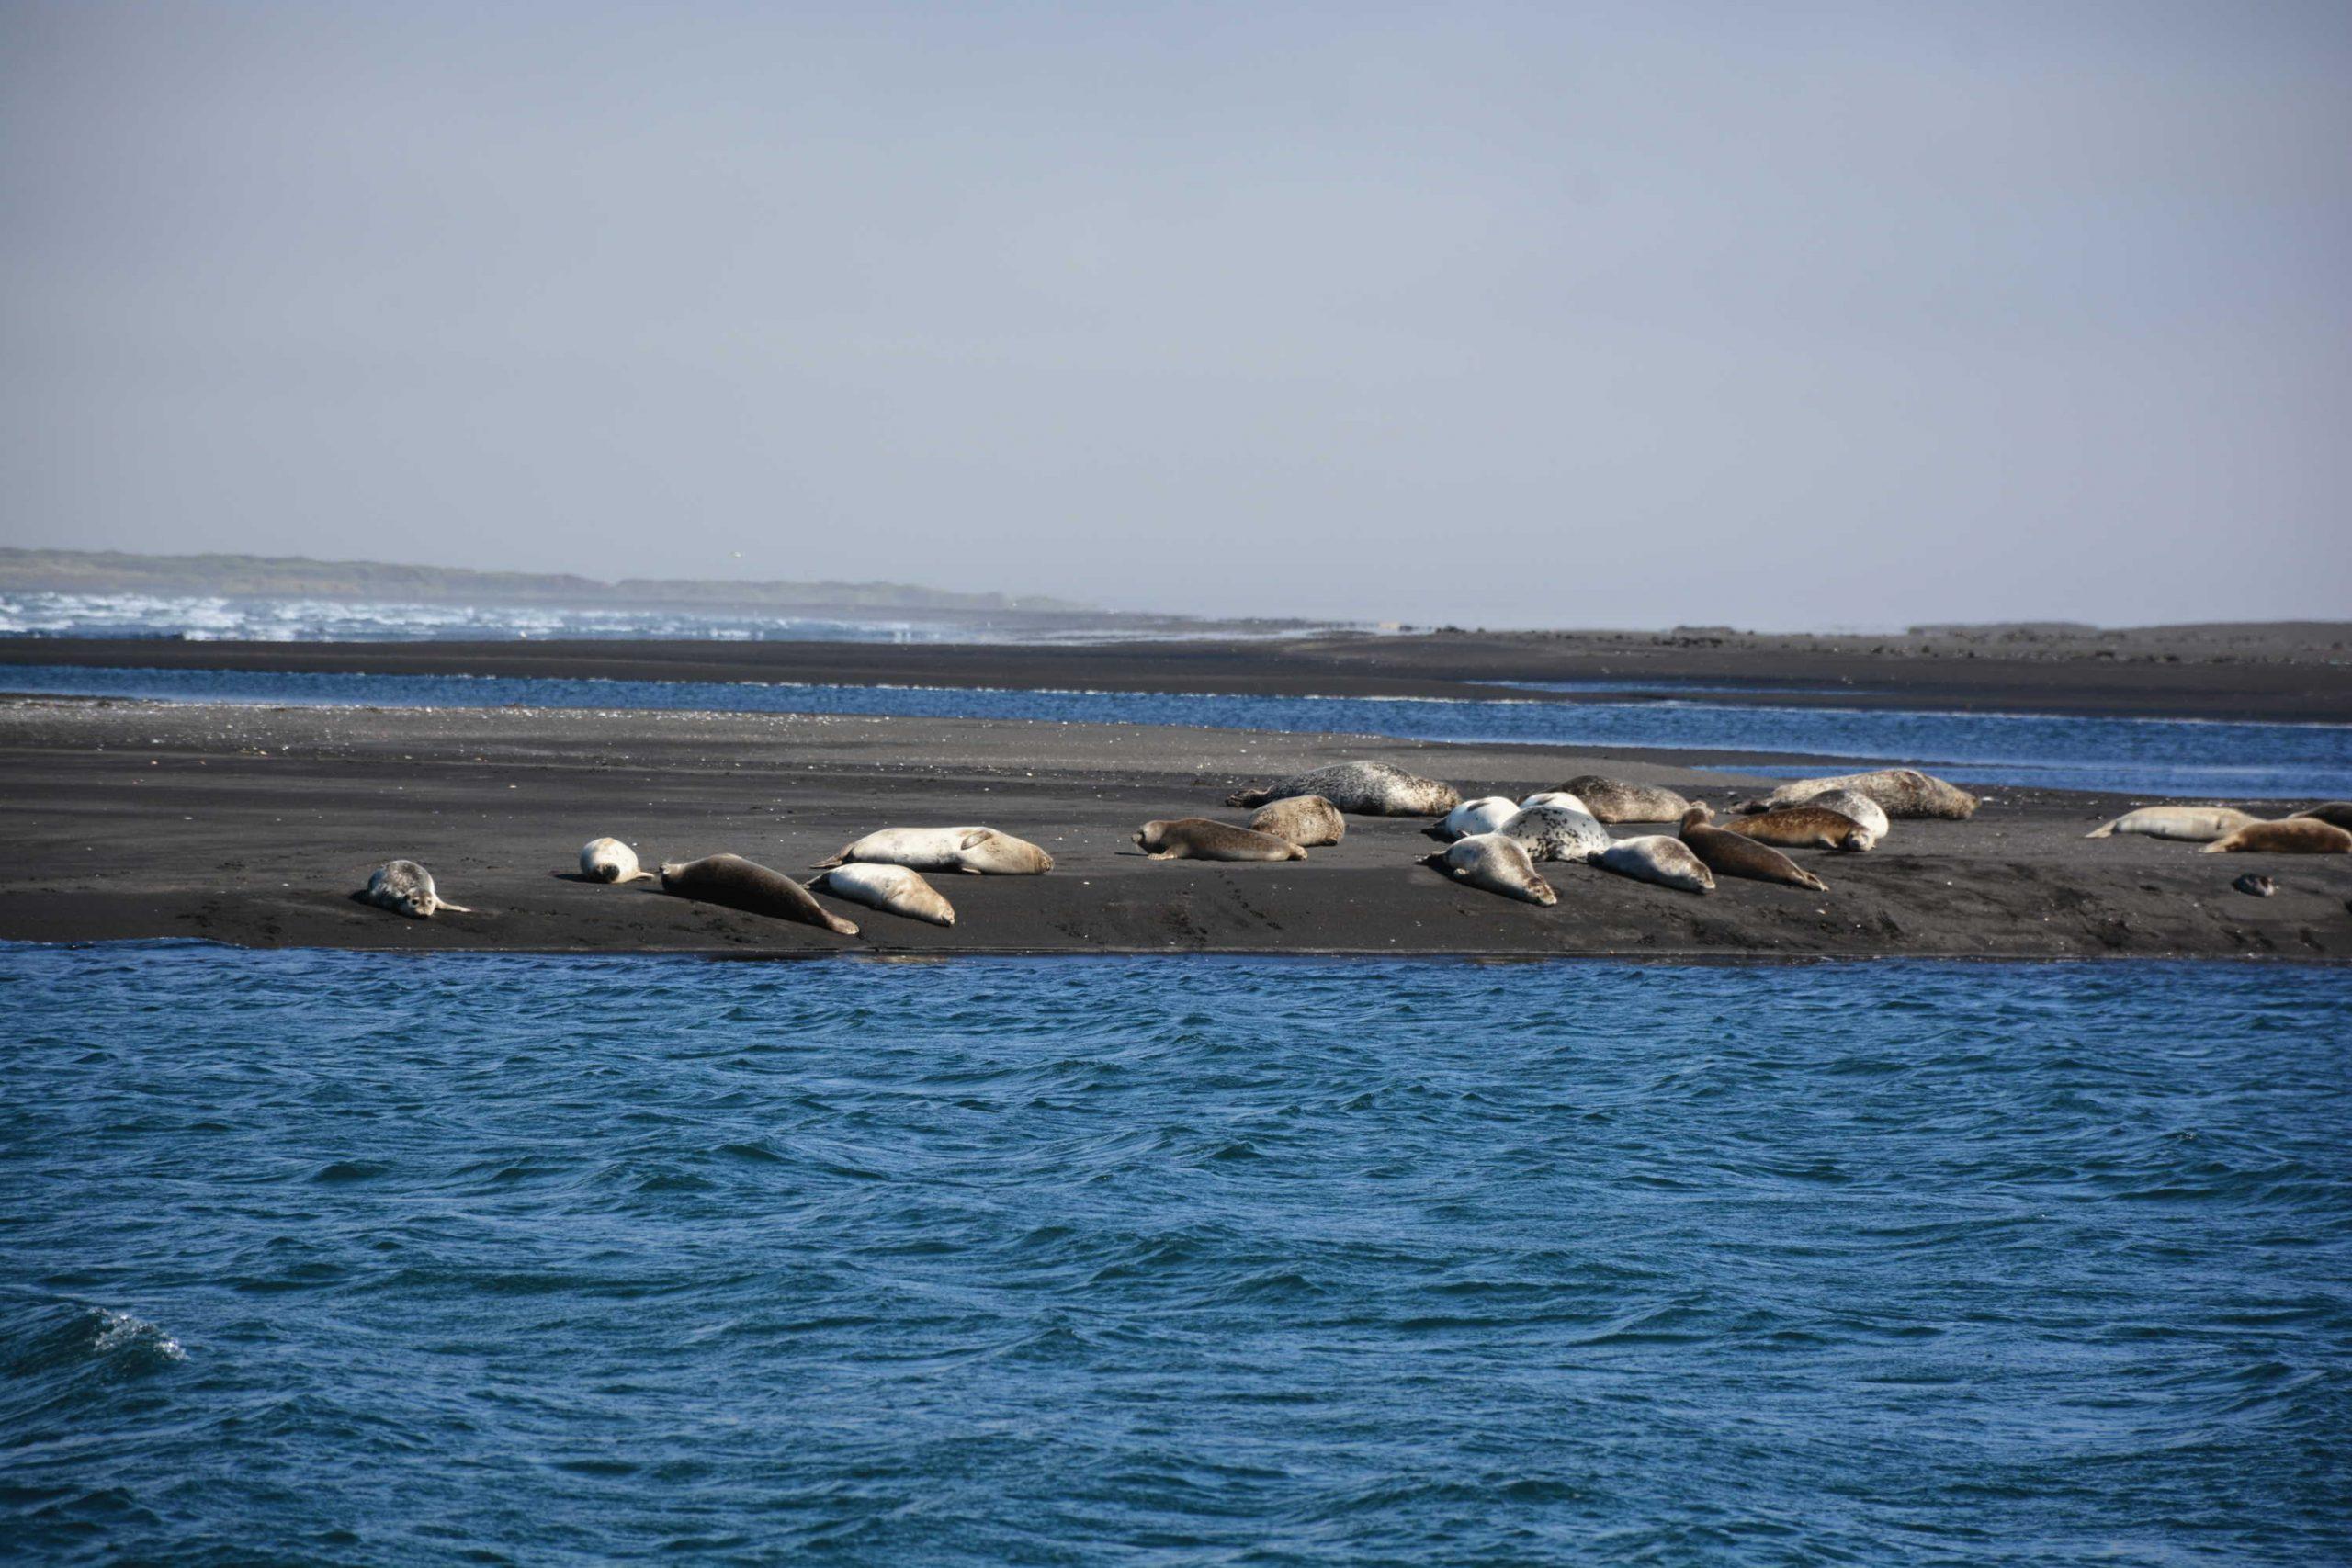 tulene sa vyhrievajú na slnku